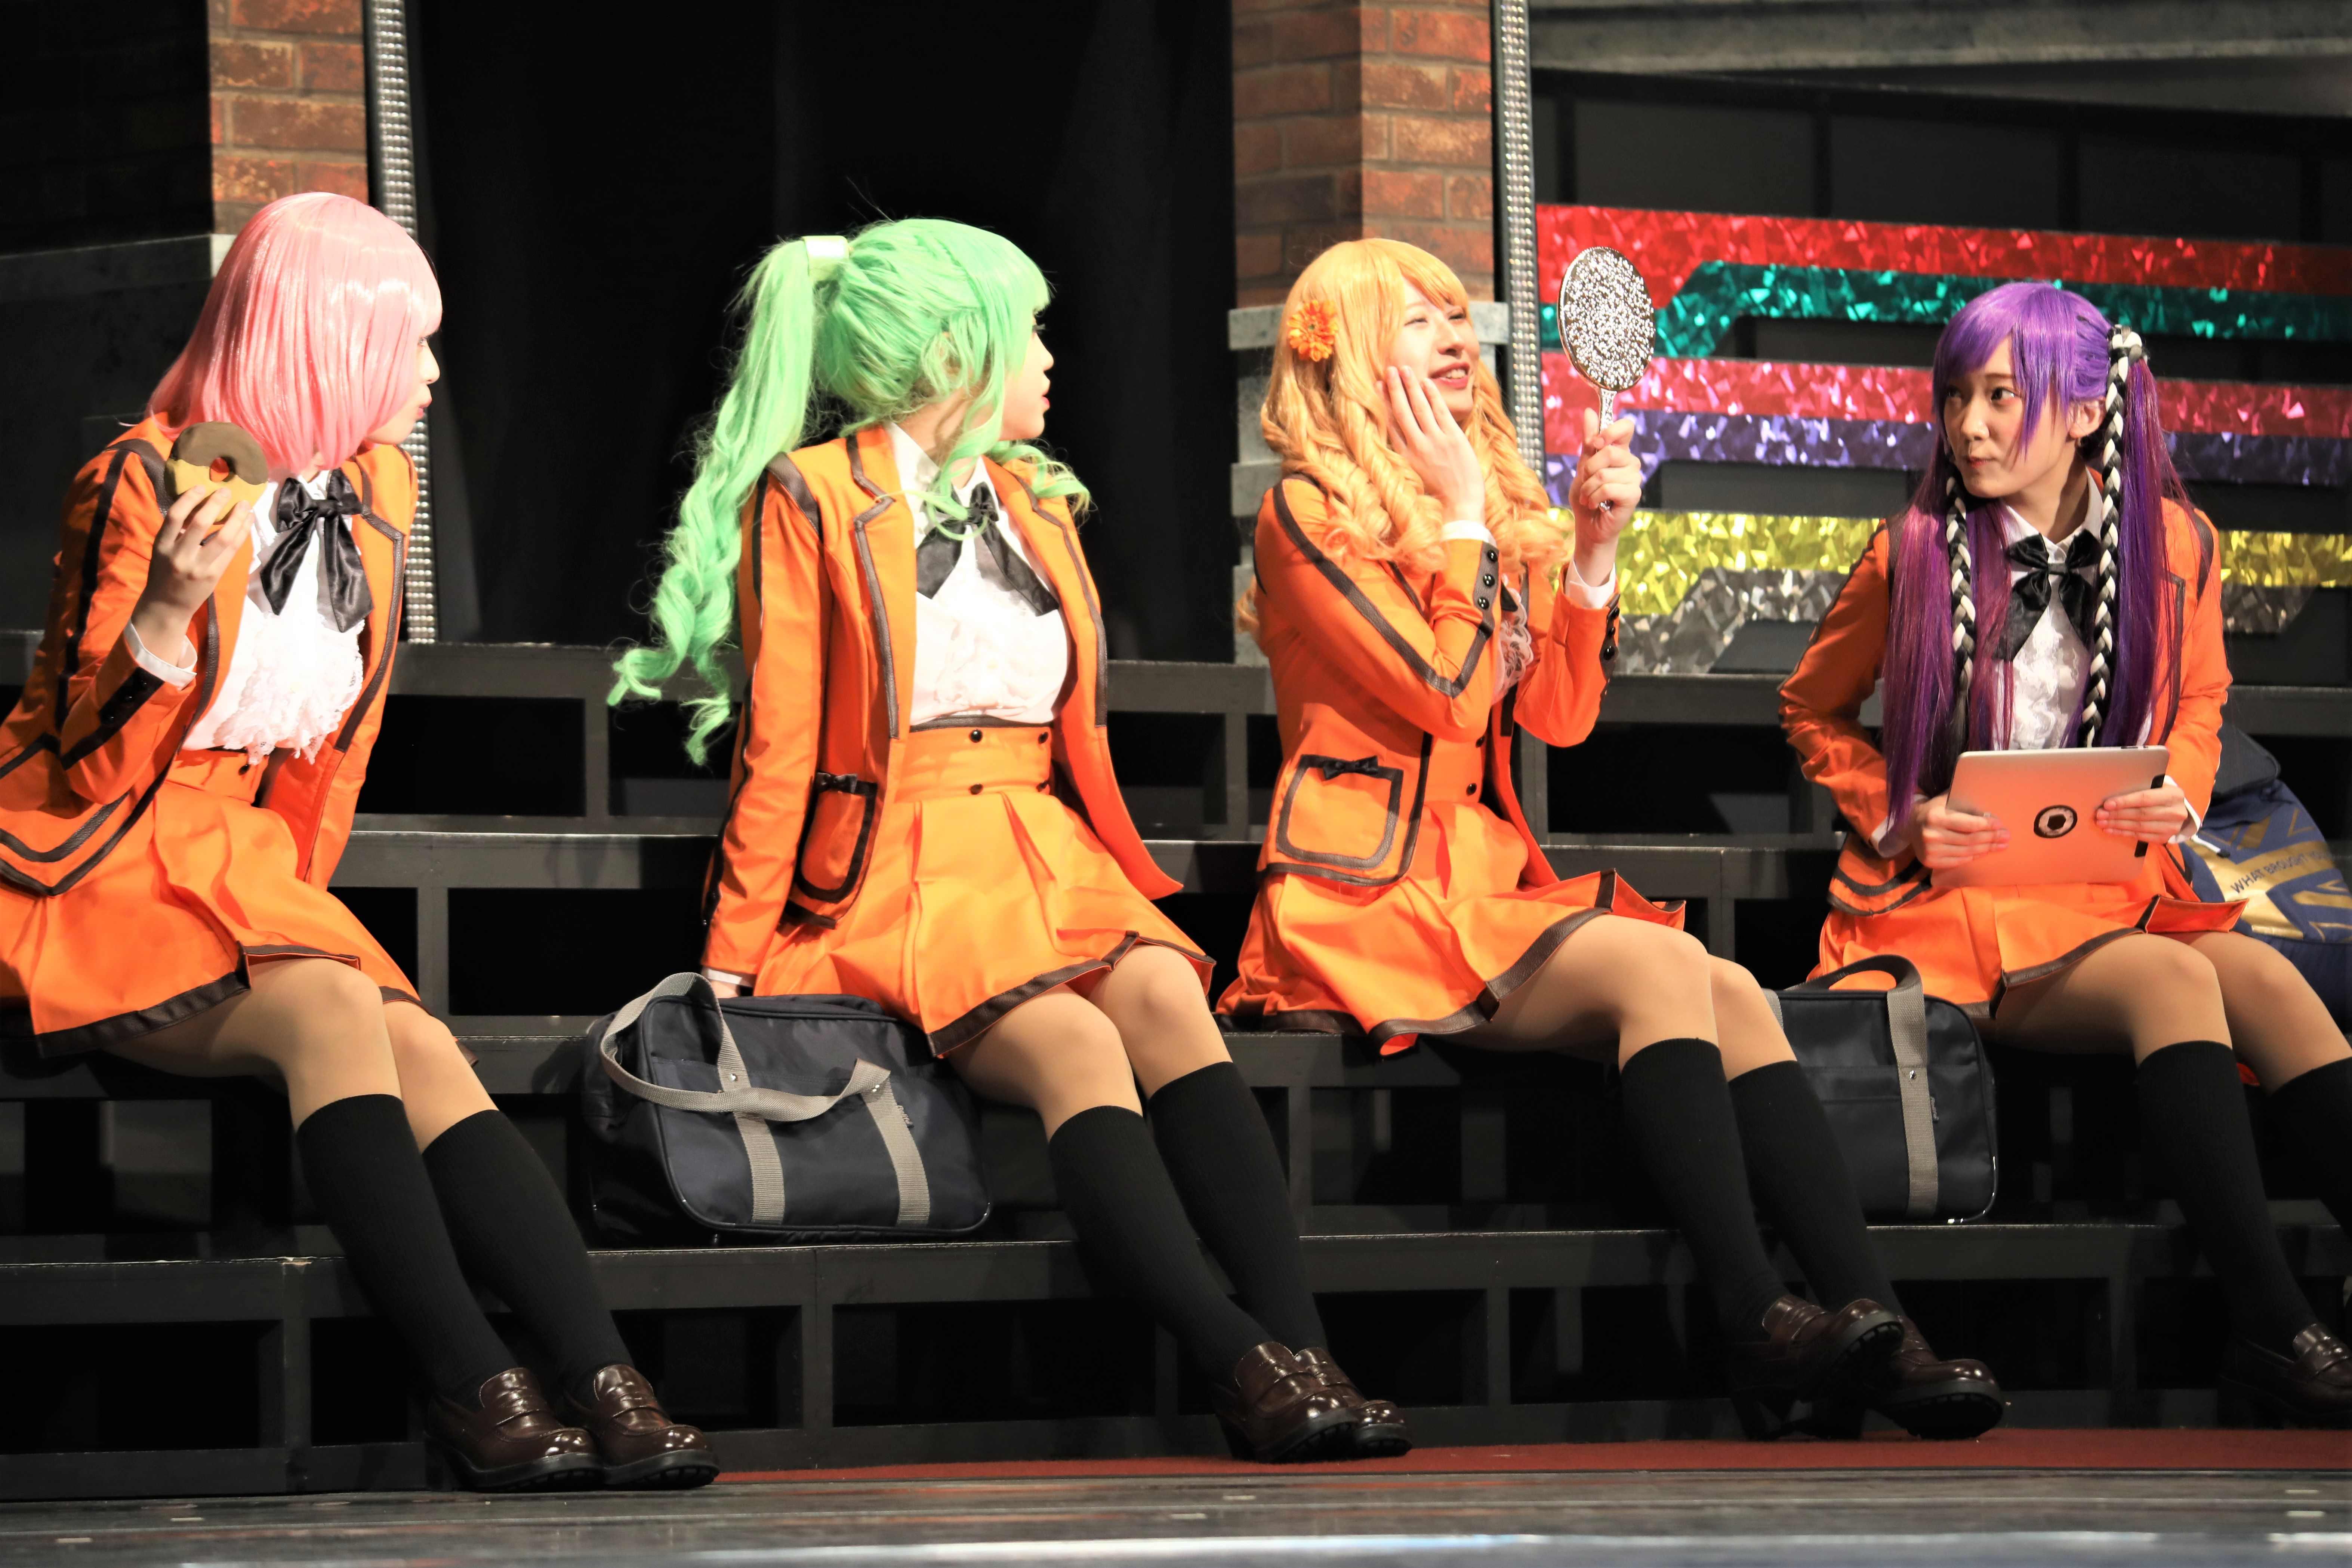 ラブリーハニー(右から2人目)©永井豪/ダイナミック企画・舞台「Cutie Honey Climax」製作委員会 無断アップロード及び転送は一切禁止です。